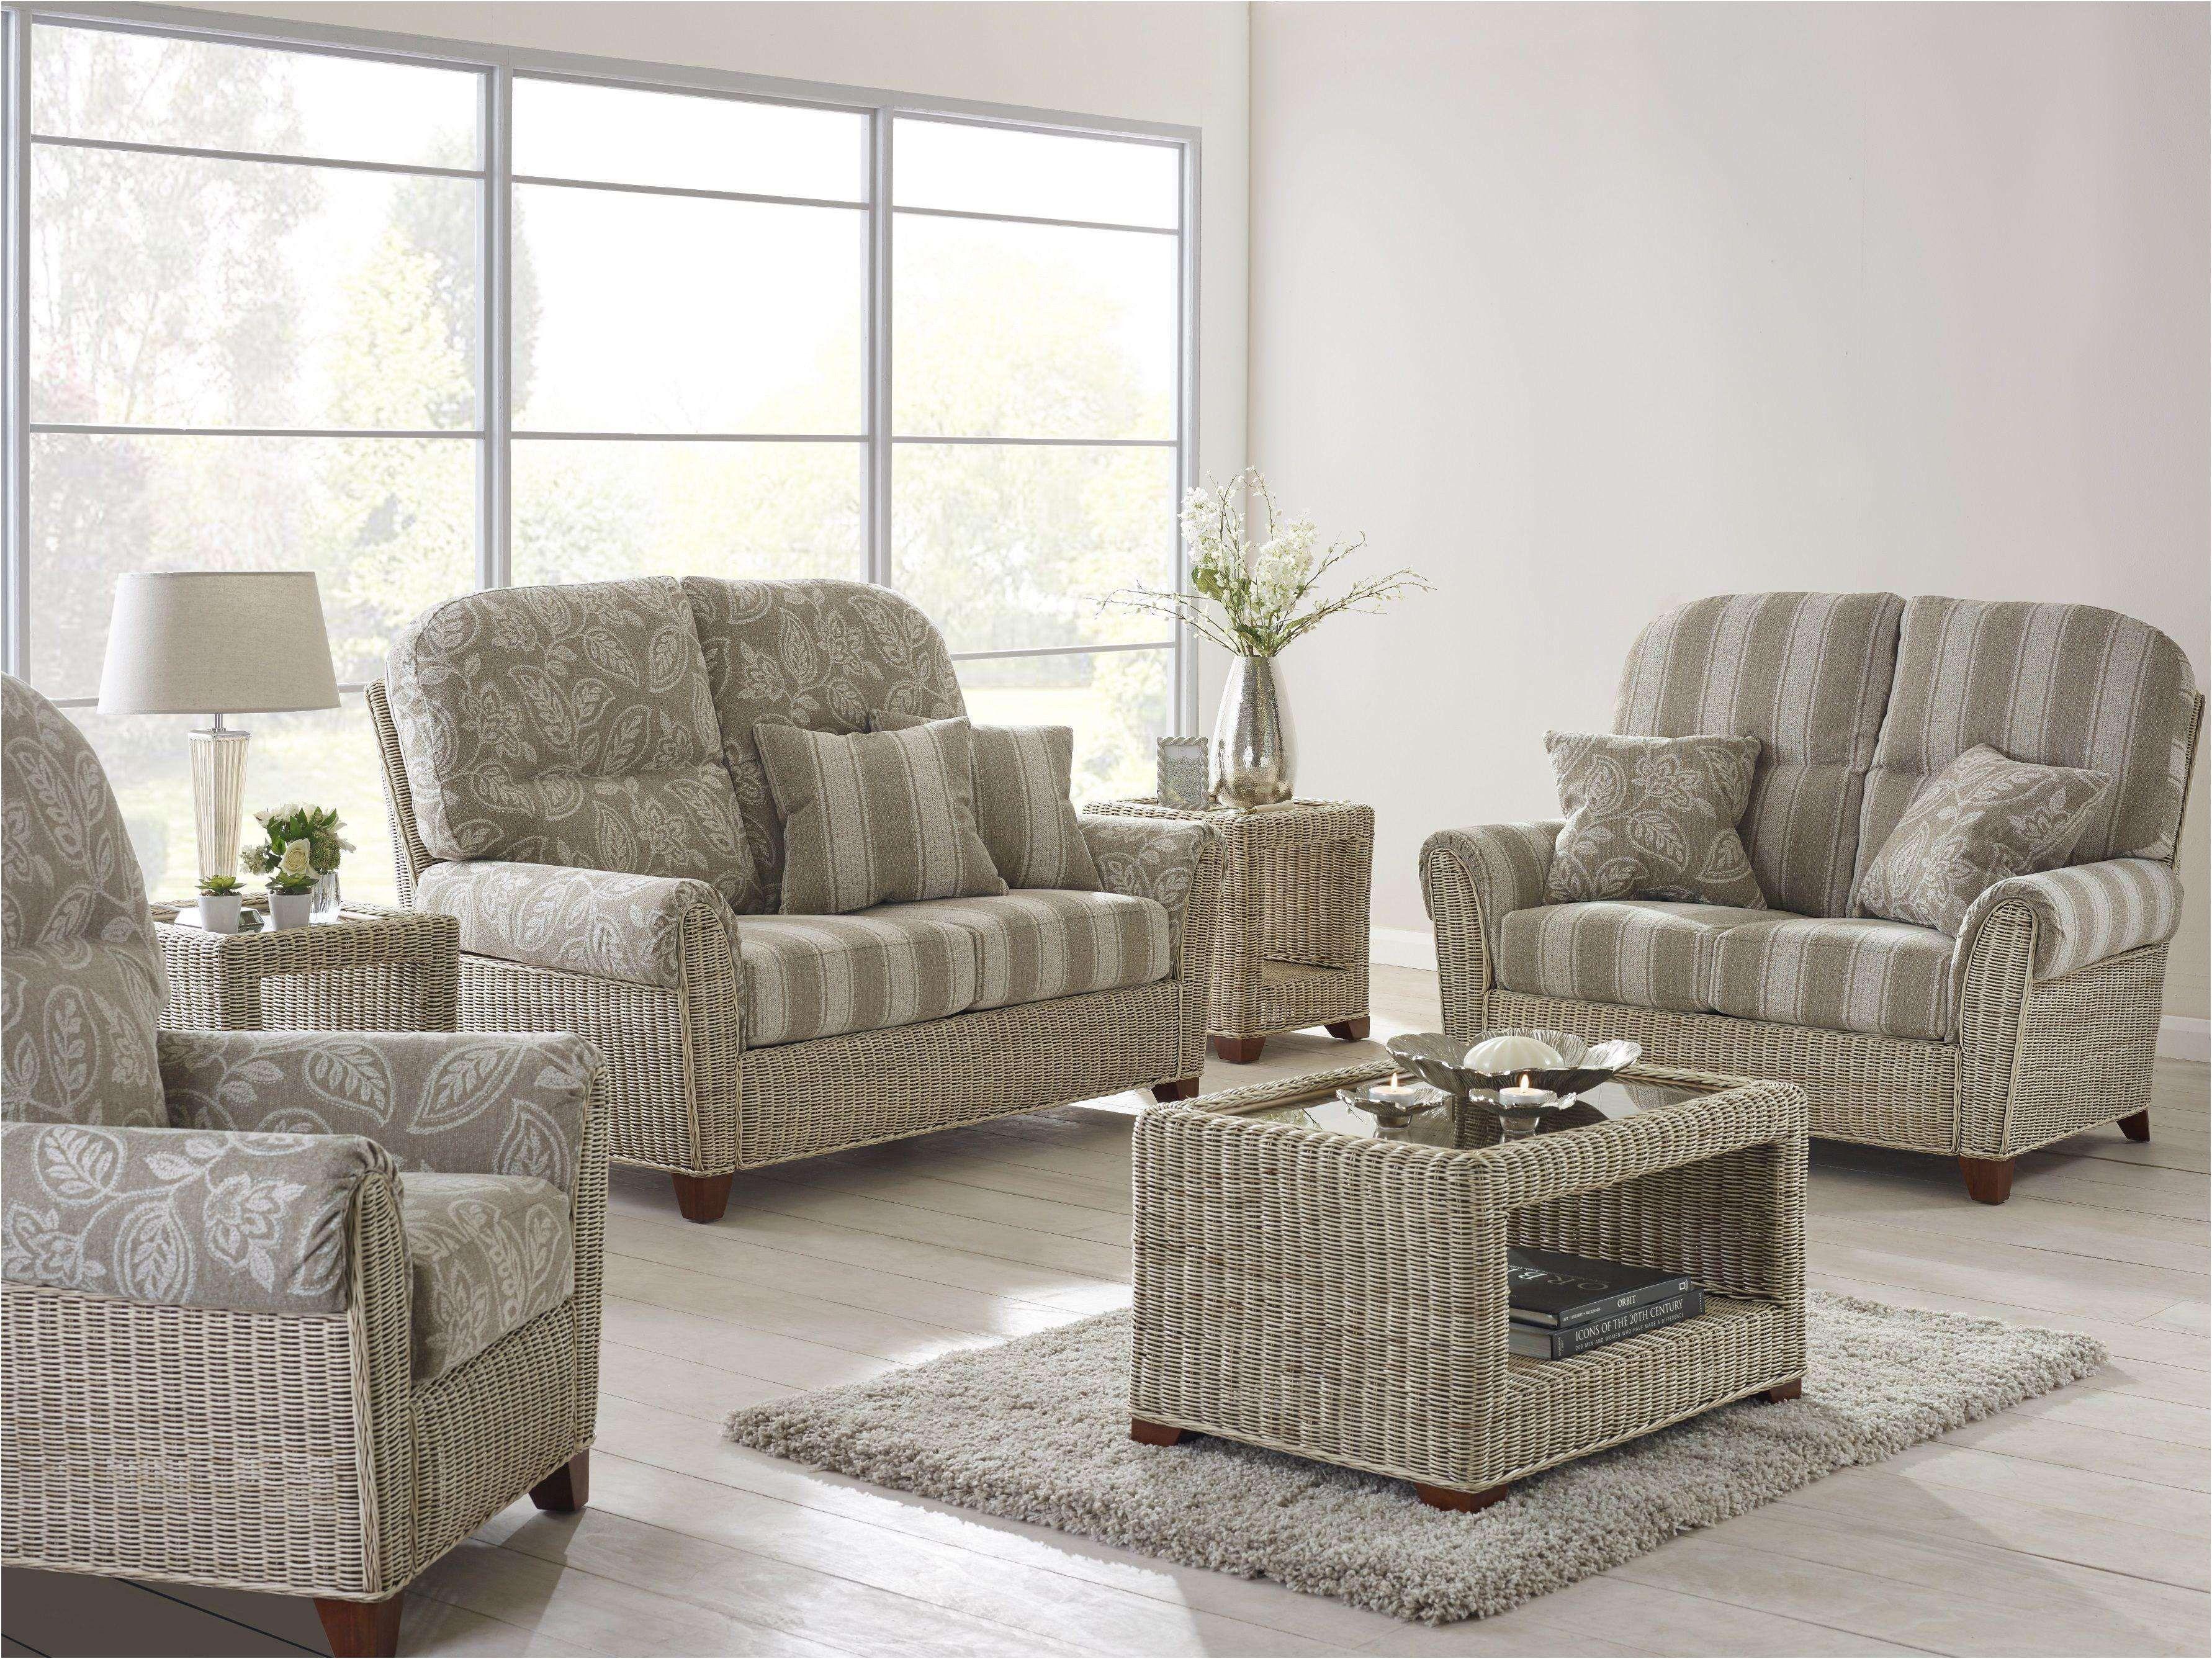 praktisch bequeme liege wohnzimmer couch m bel furniture sofa set sofa set designs shabby